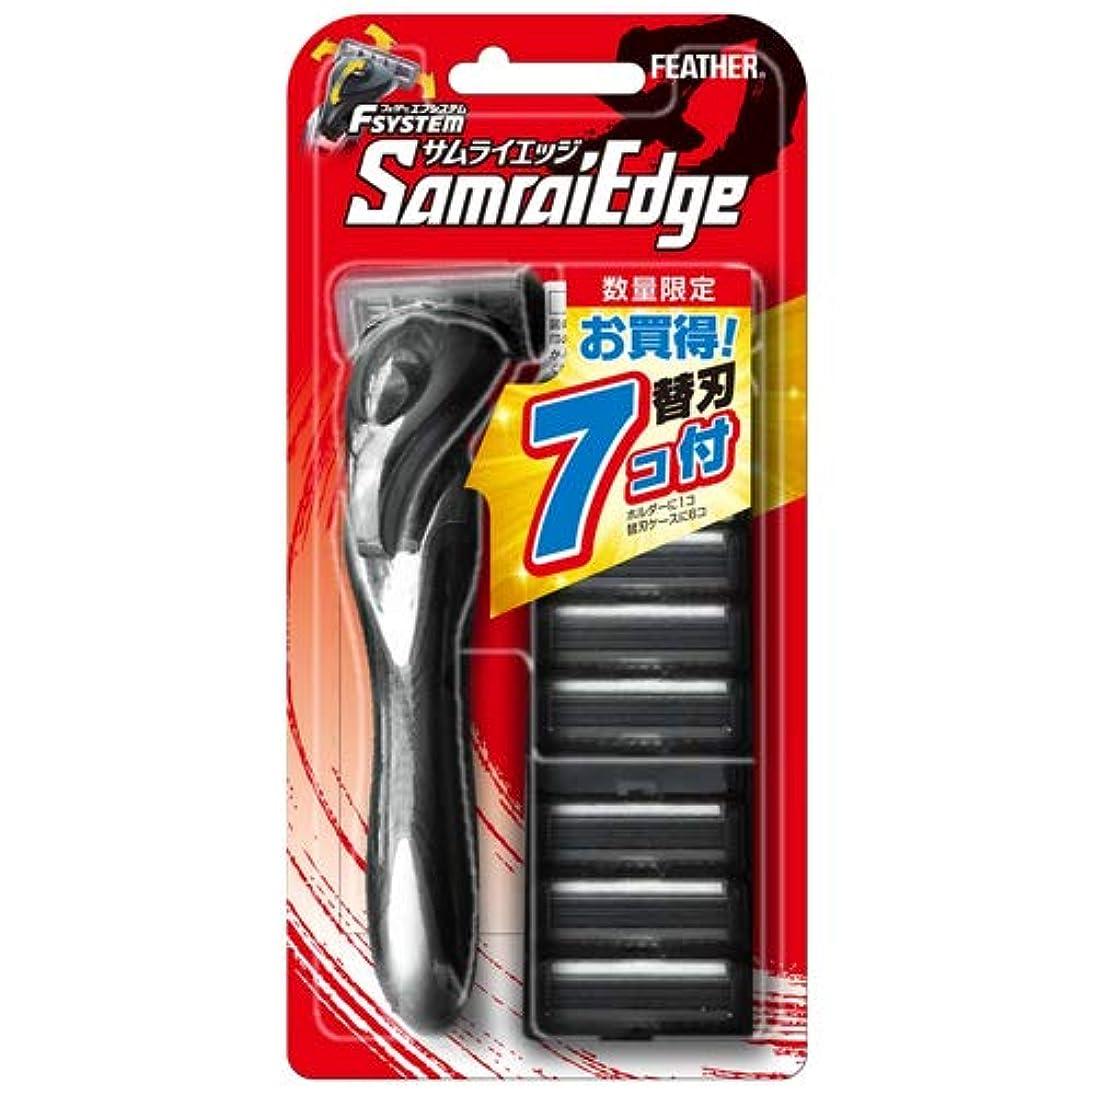 スナッチ信念裏切り者フェザー安全剃刀 サムライエッジ 替刃 7コ付き バリューパック セット 1本+替刃7個